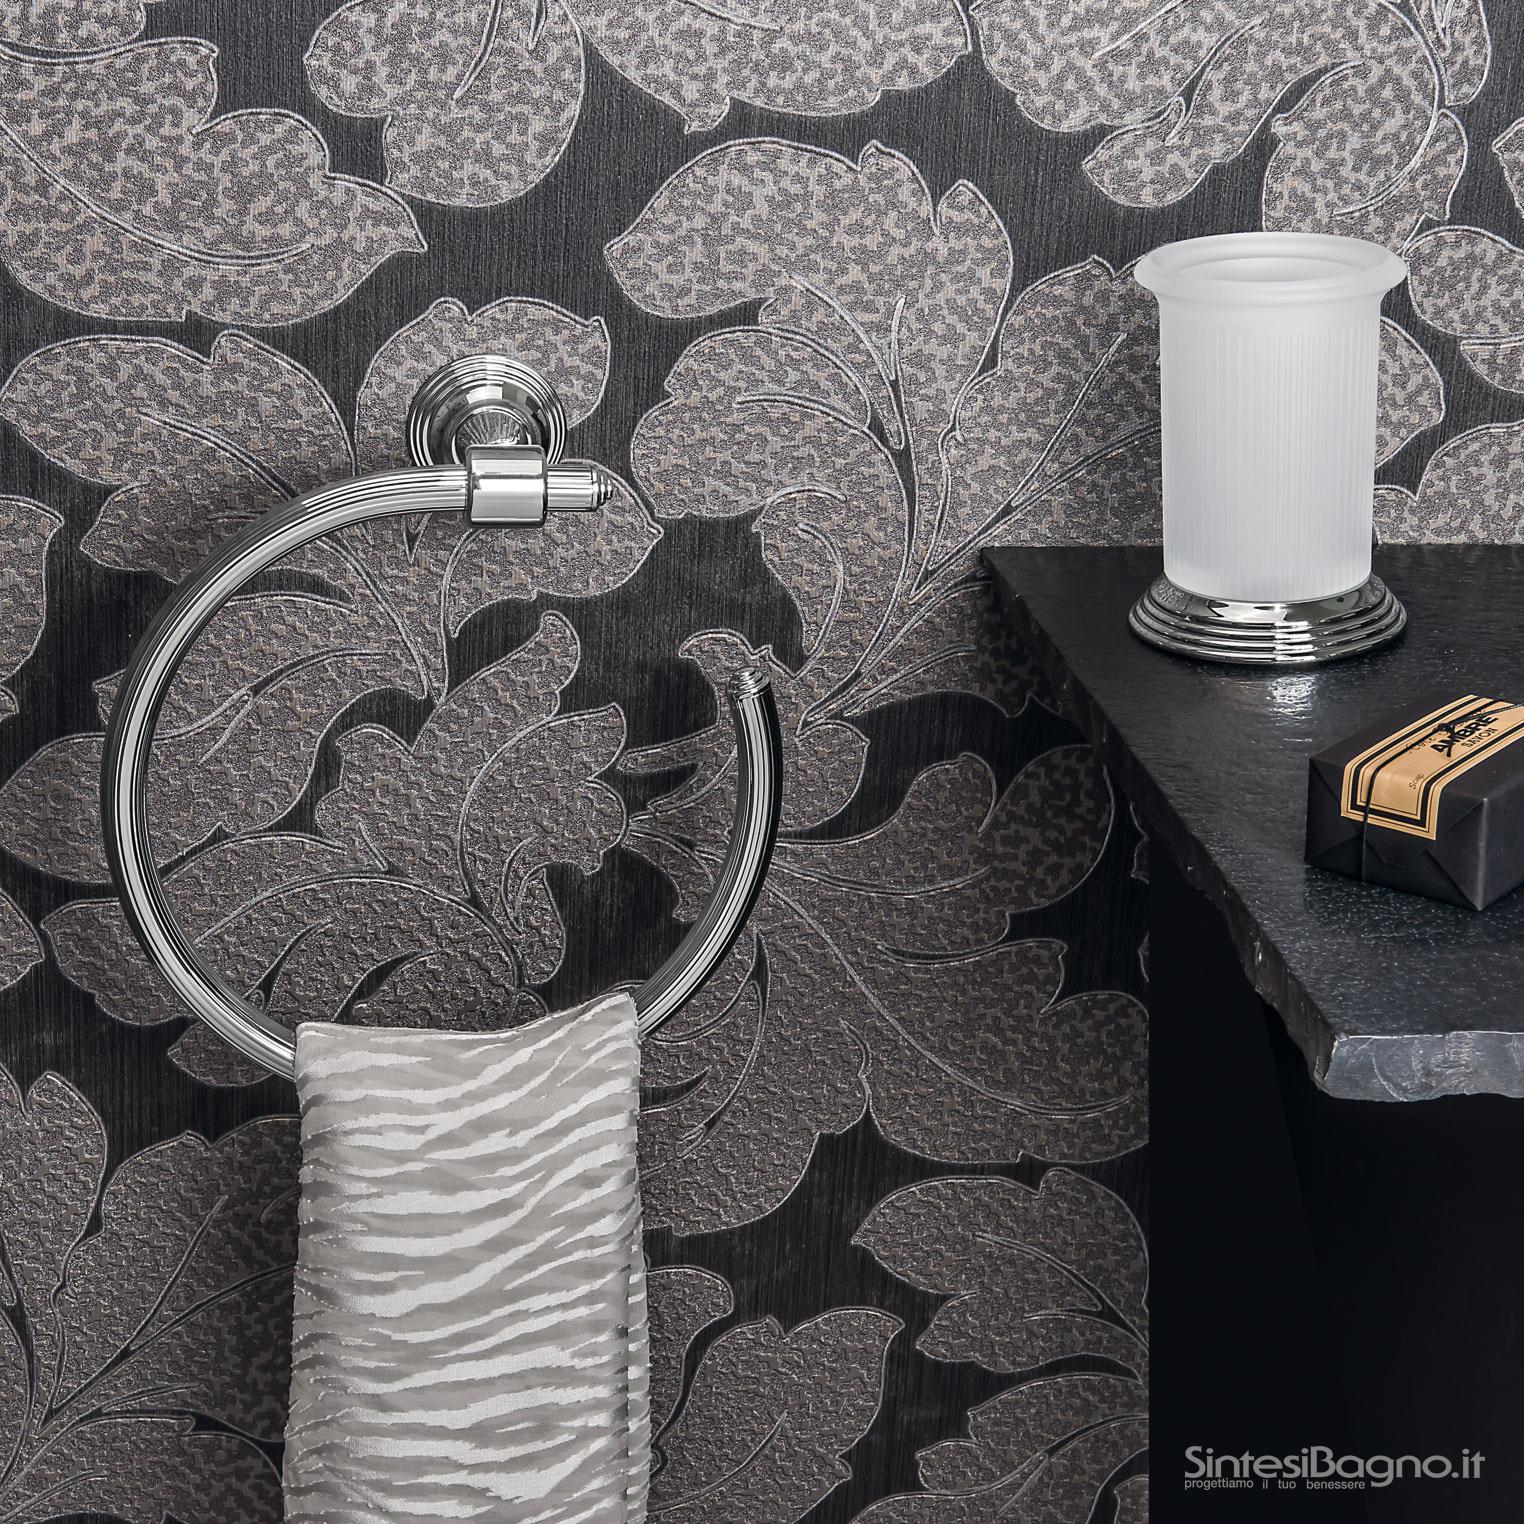 accessori-bagno-colombo-serie-hermitage-sintesibagno_ambient09